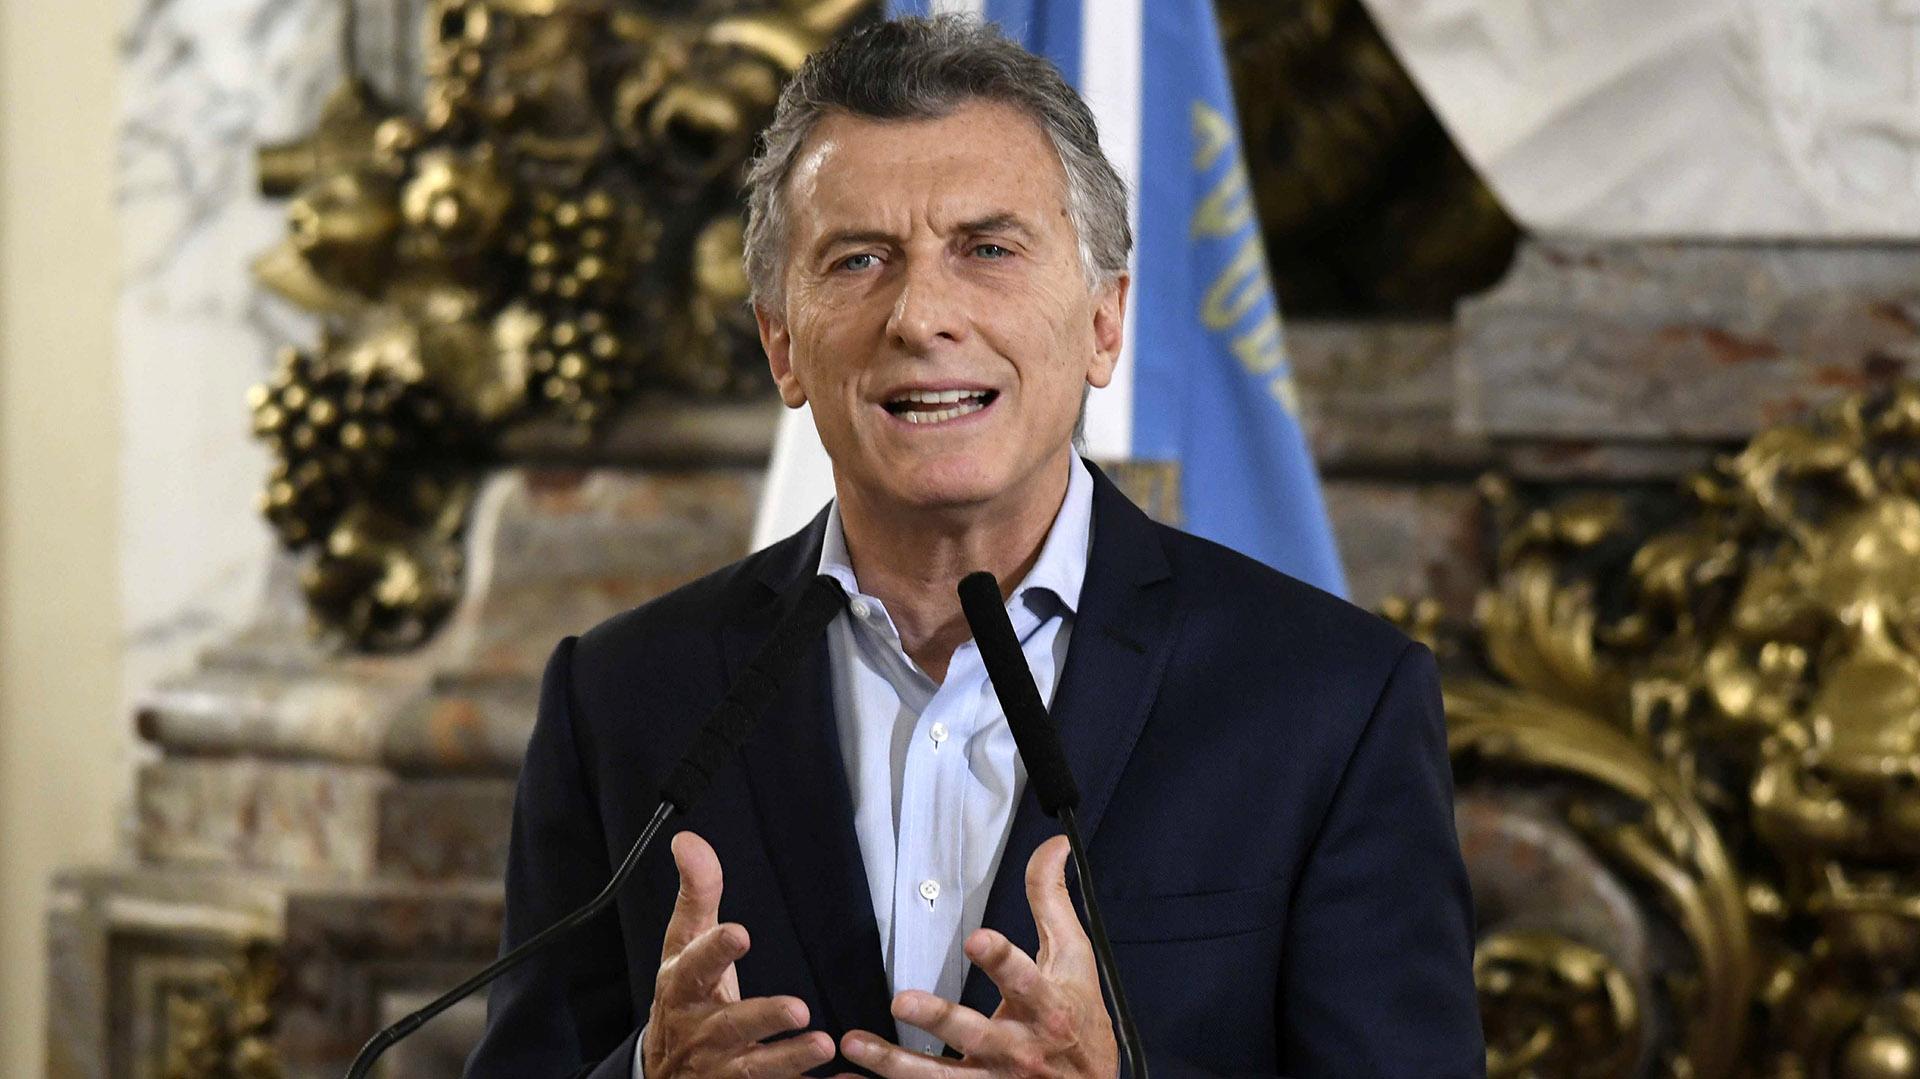 El presidente Mauricio Macri realiza distintos anuncios en el Salón Blanco de la Casa Rosada (Archivo)